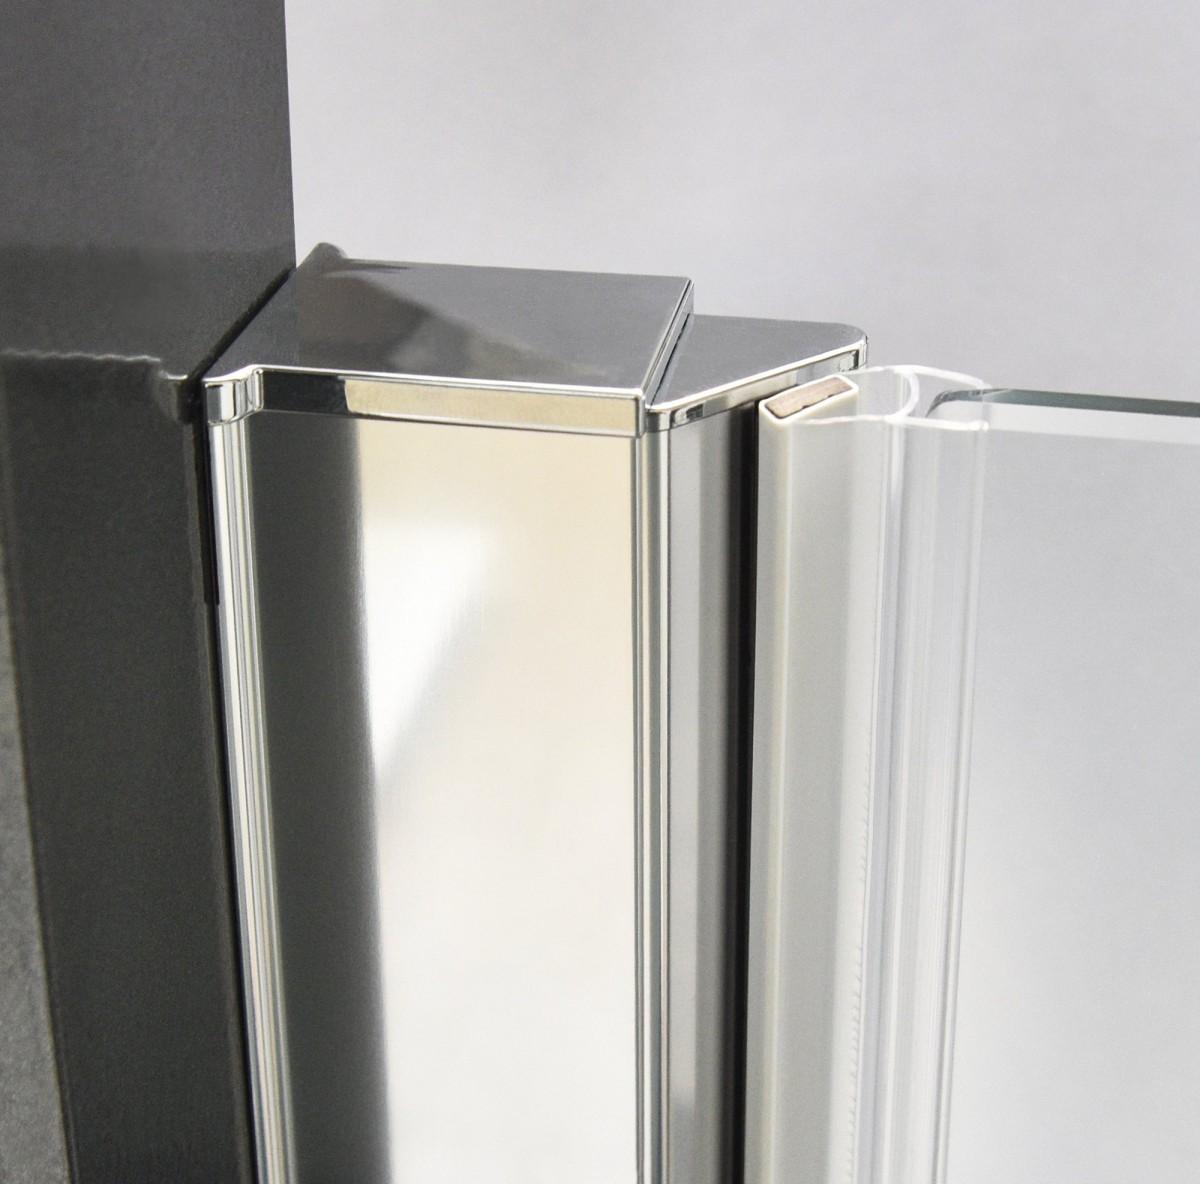 Душевая дверь ELEGANT NEO GDO1N/1100/985-1085*2015 brillant/transparent/6mm + GZ профиль